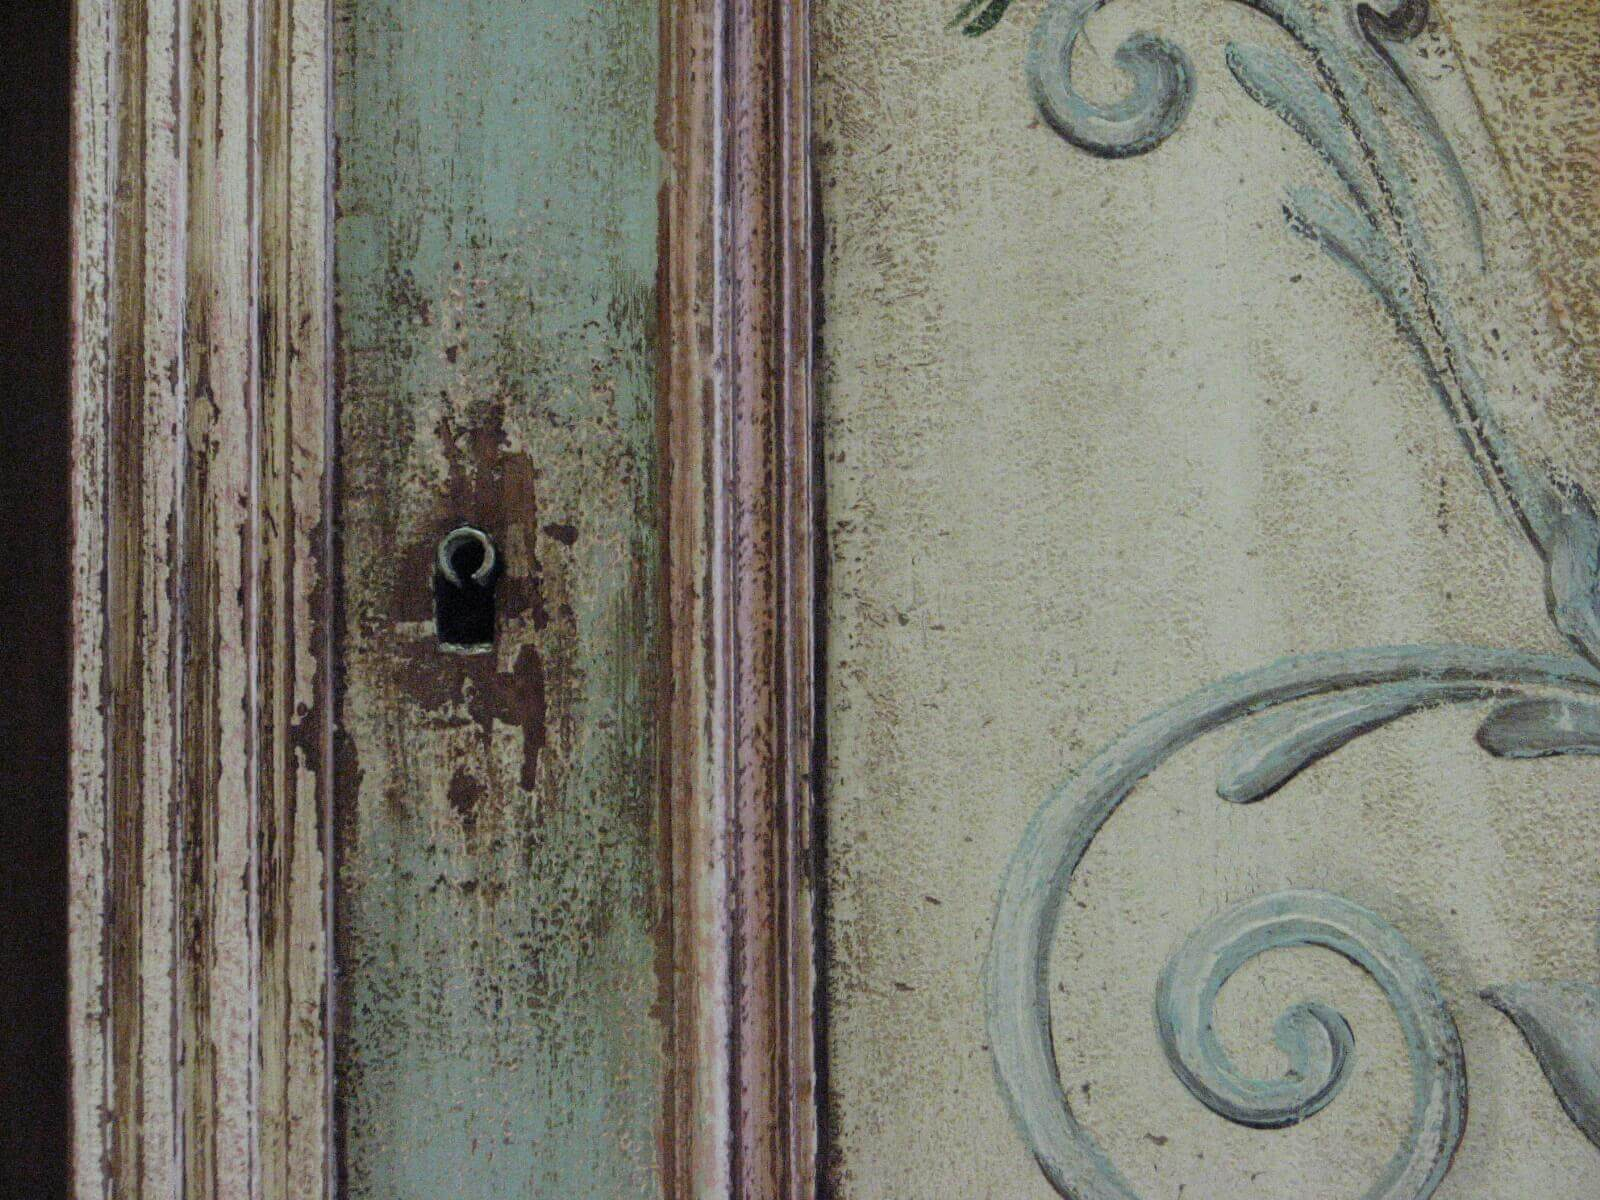 Malovaný věšák - Něha rozkvetlých zahrad detail 2